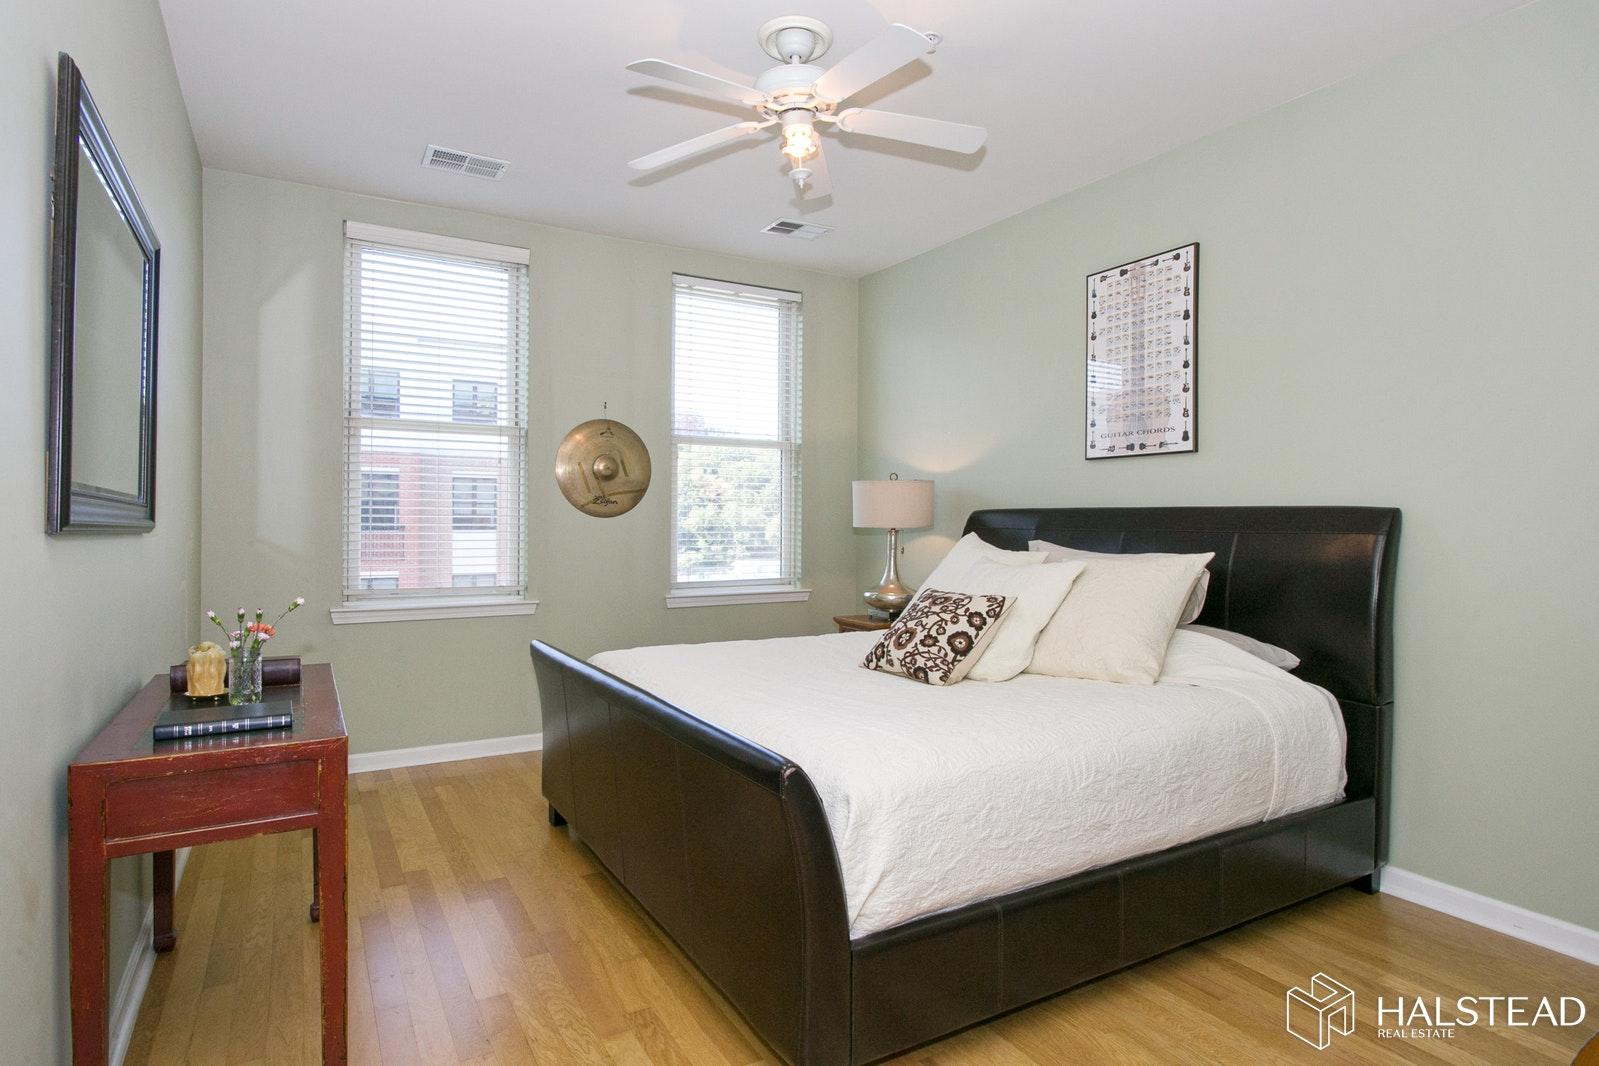 1100 ADAMS ST 512, Hoboken, $887,000, Web #: 19871713